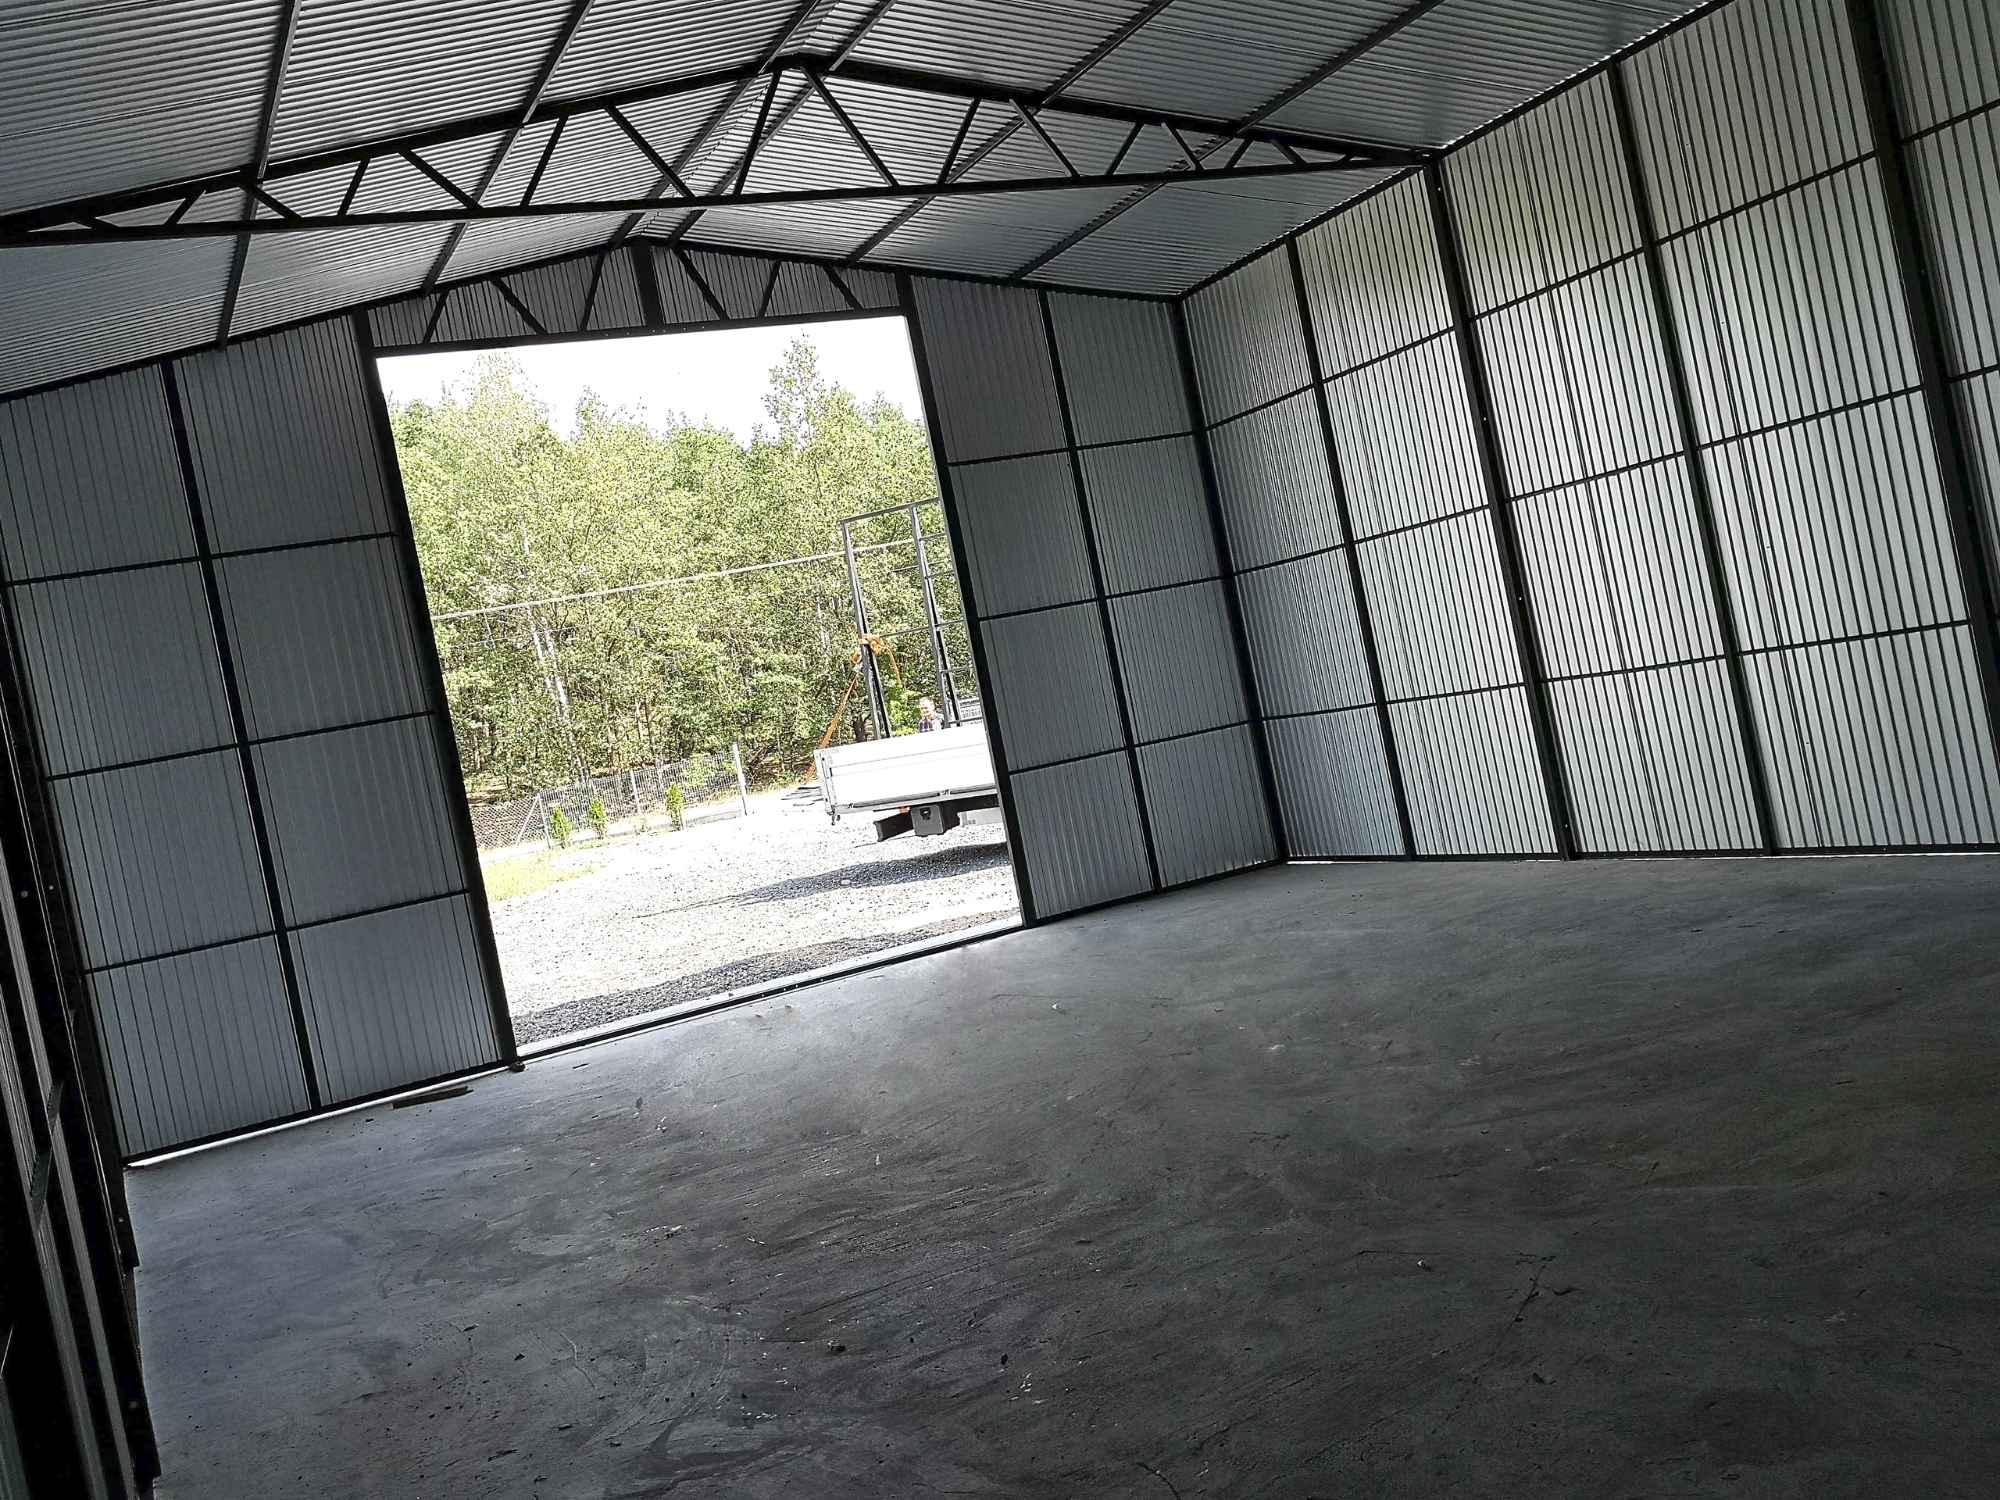 Garaż, Hala blaszana dwuspadowa 12x8 m trzy bramy, okna, drzwi, okucia Bochnia - zdjęcie 3